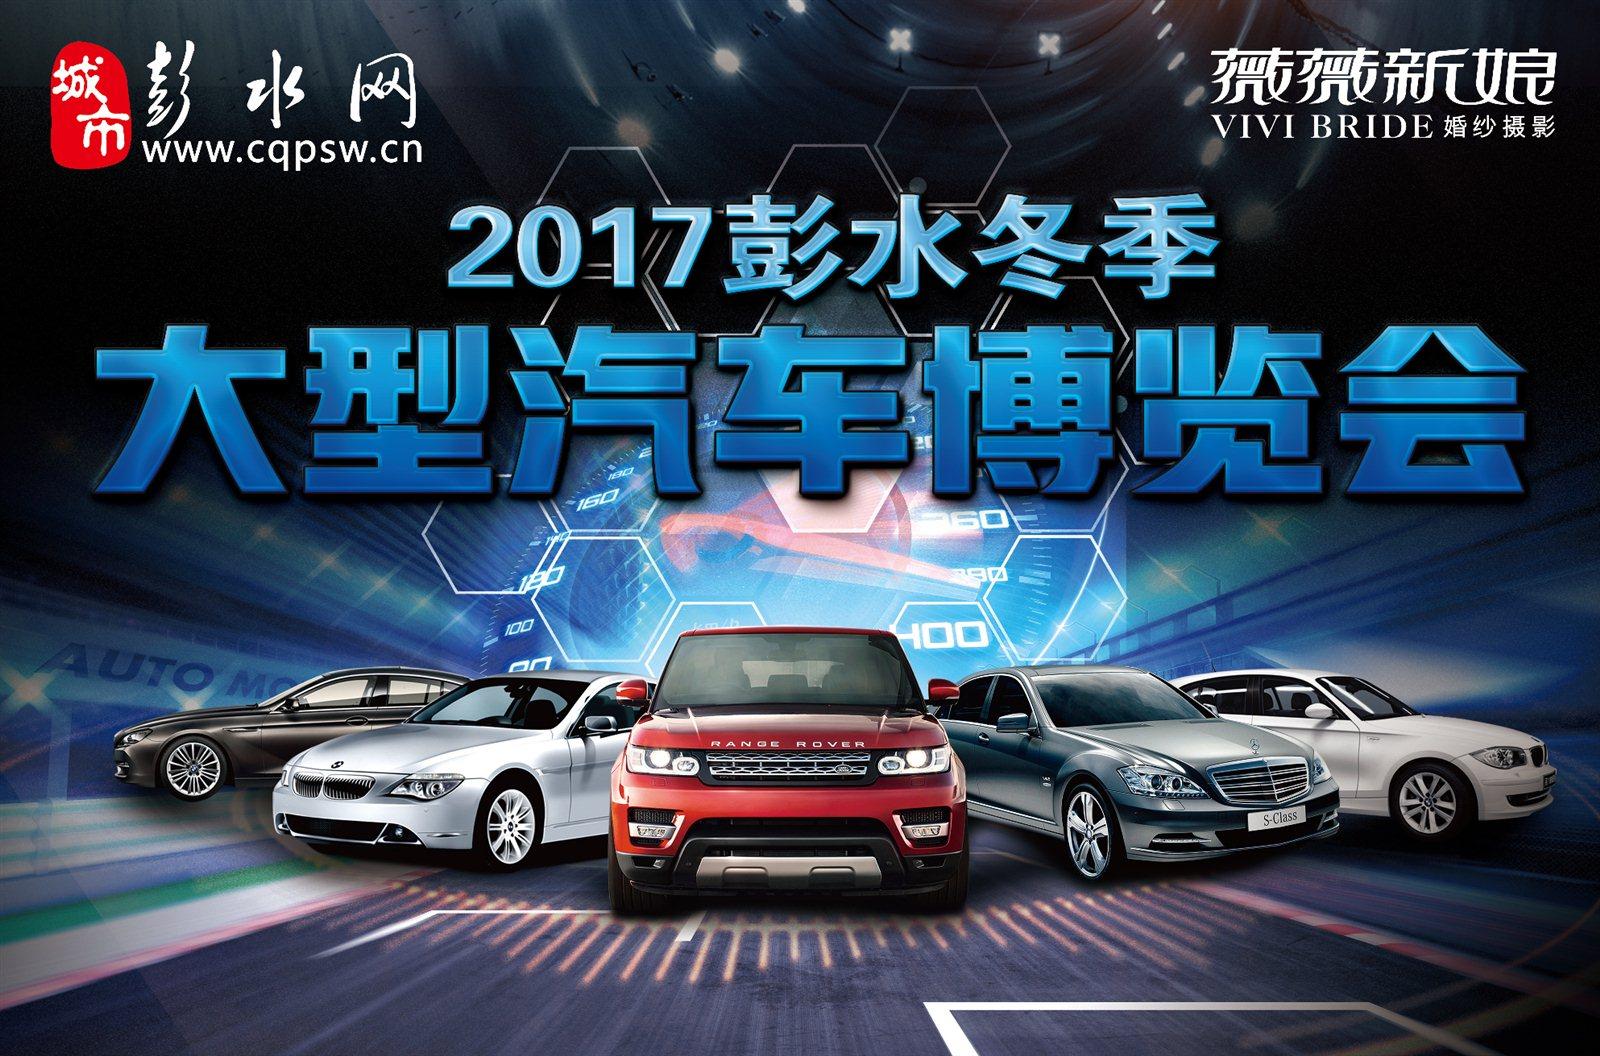 """""""2017彭水冬季大型汽车博览会""""强势回归,倒计时三天,你准备好了吗?"""